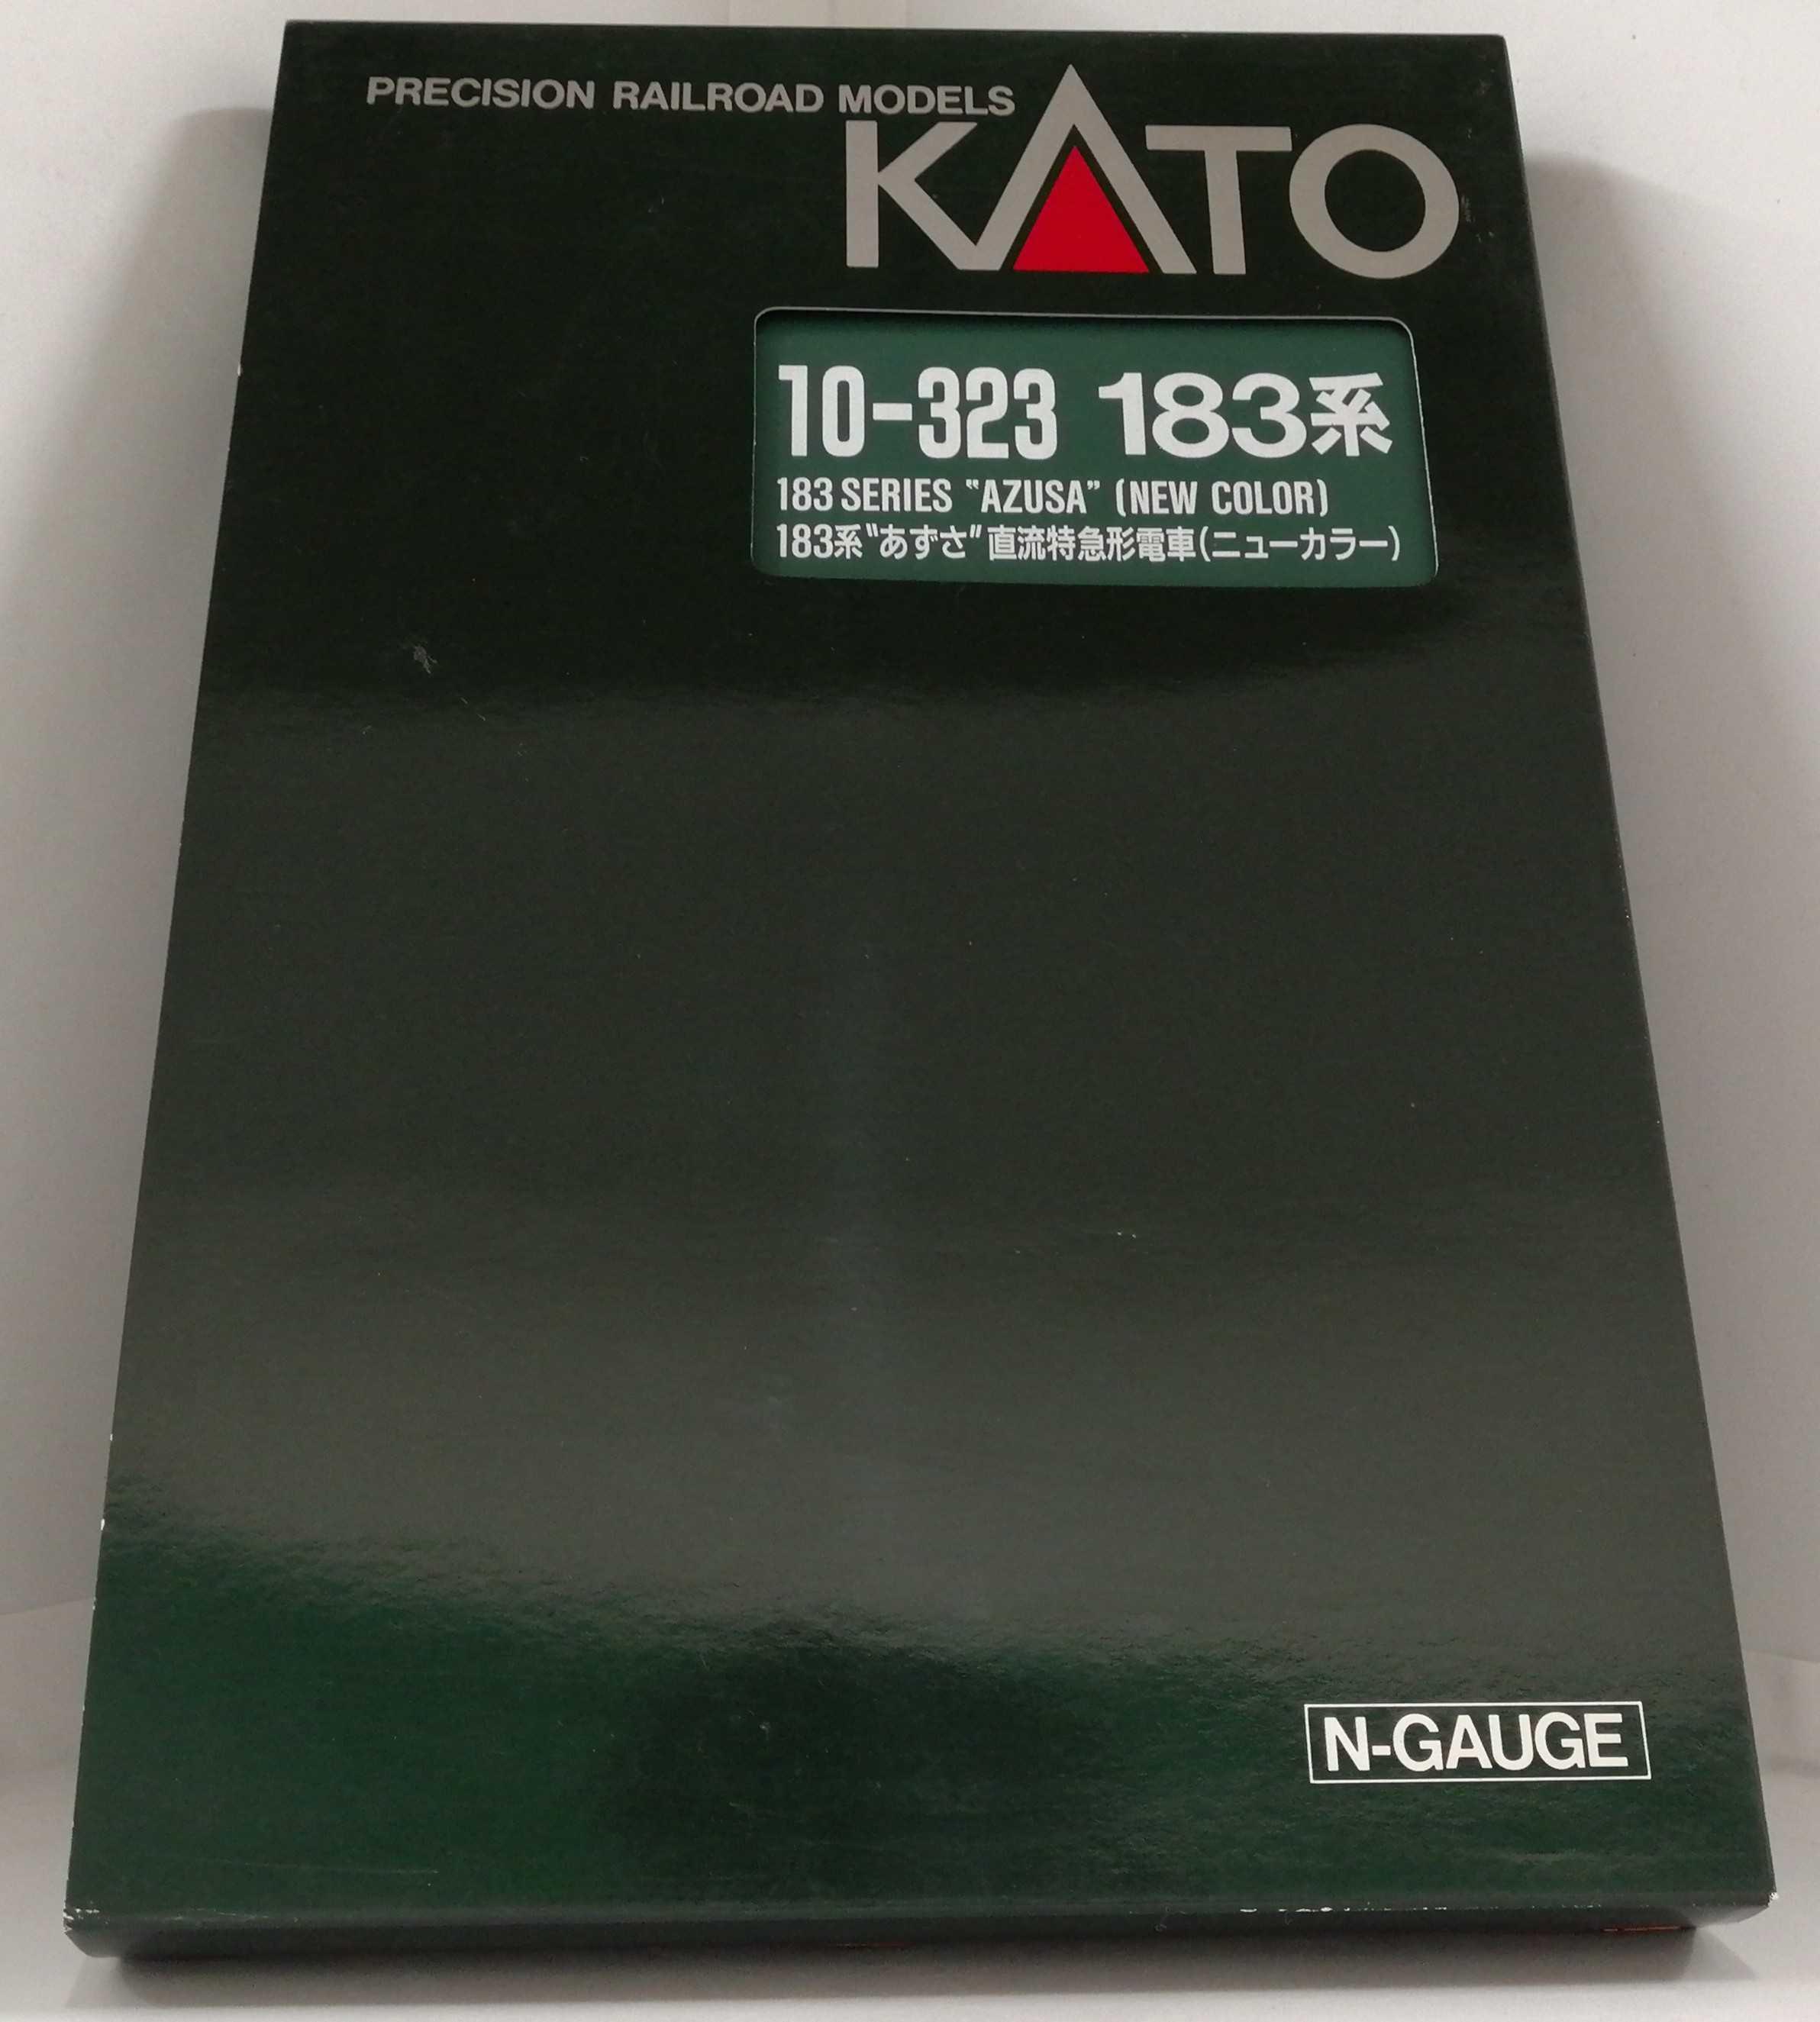 あずさ(ニューカラー) KATO